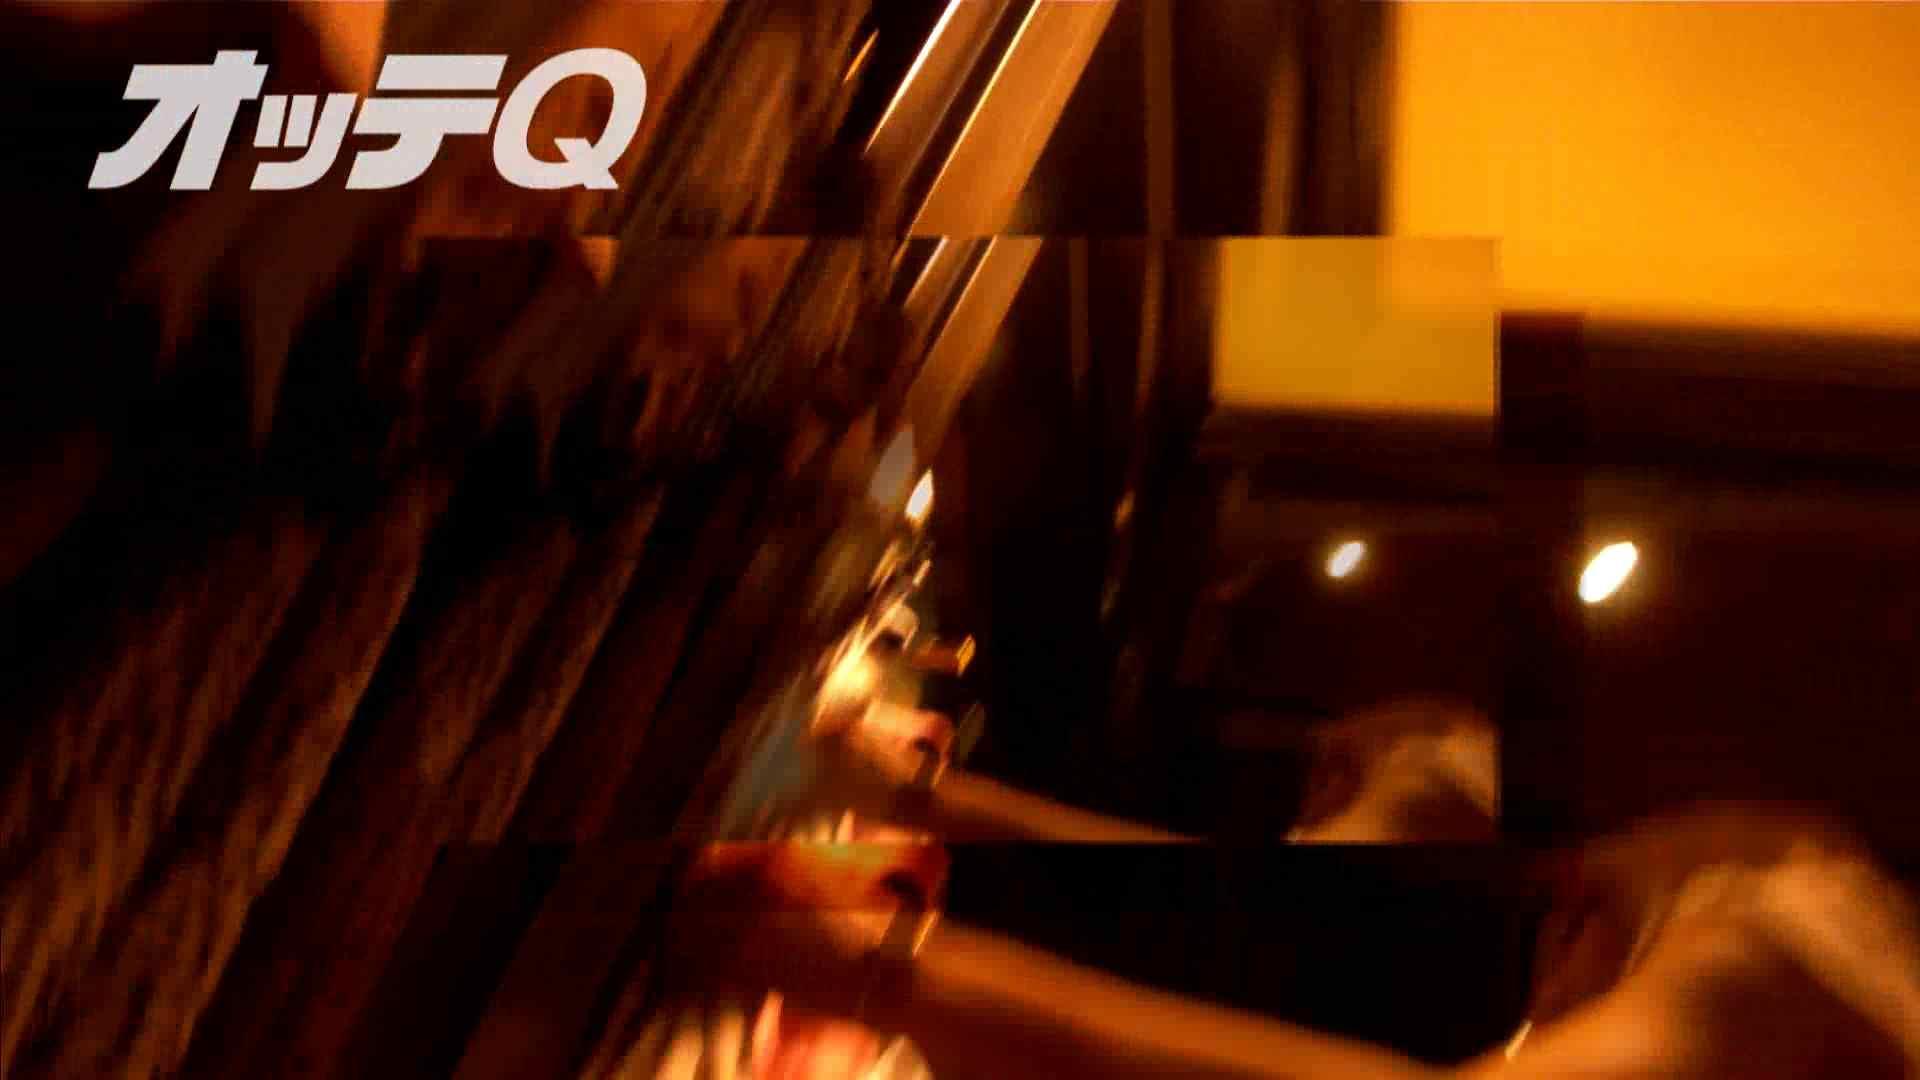 ハイビジョンパンチラ オッテQさんの追跡パンチラデパート編VOL.03 エッチなお姉さん すけべAV動画紹介 109pic 45